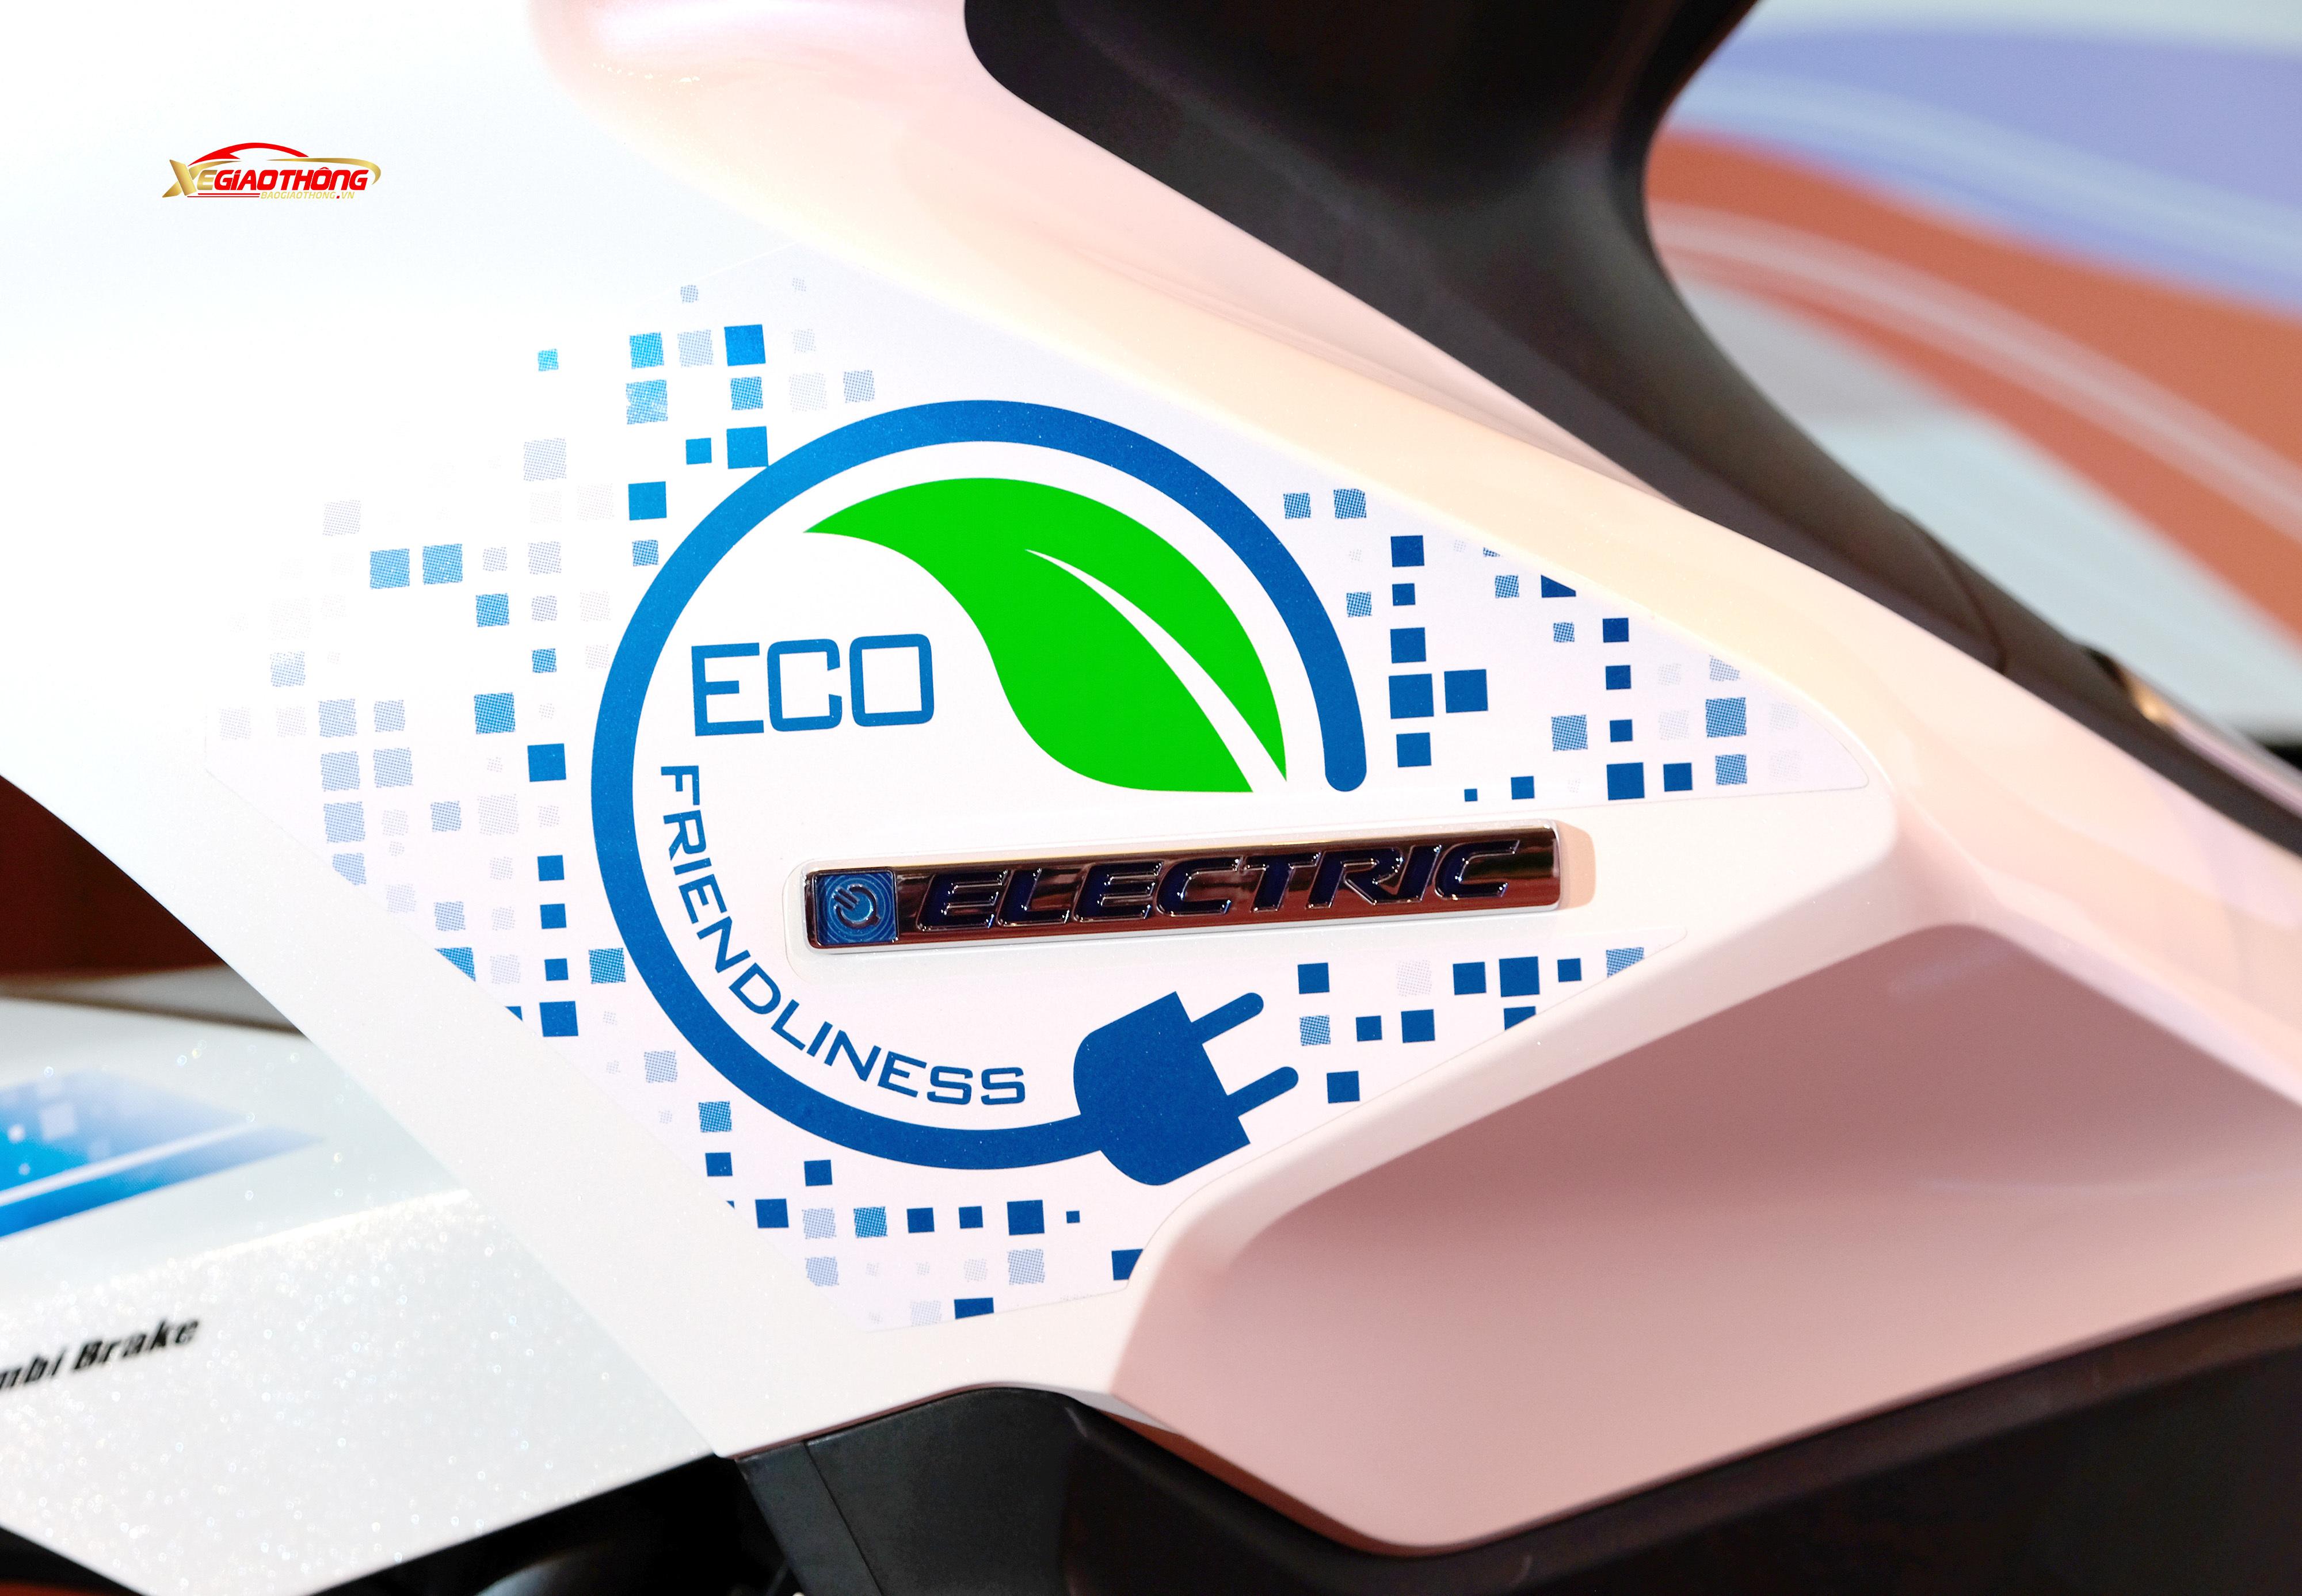 Logo Eco thân thiện môi trường thường thấy của Honda